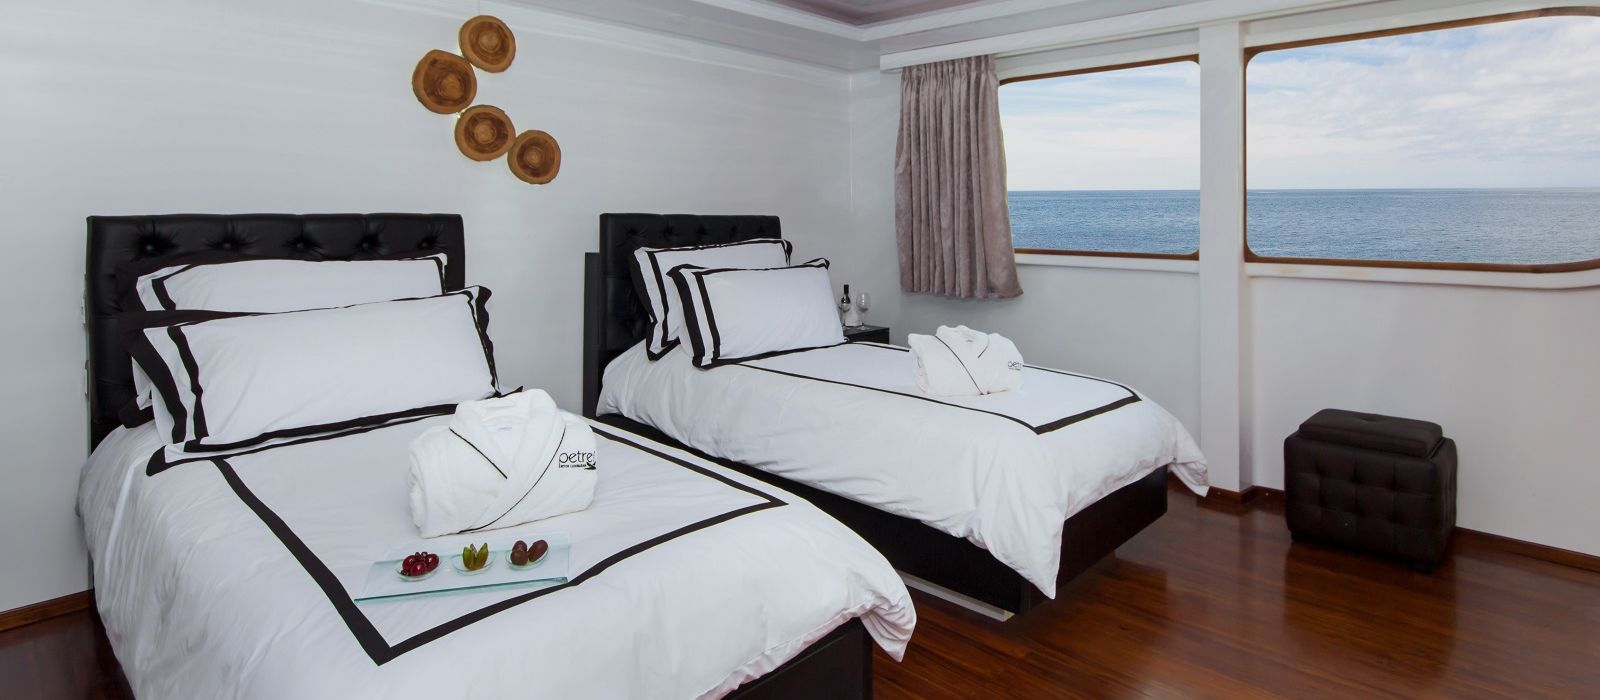 Hotel Petrel Ecuador/Galapagos